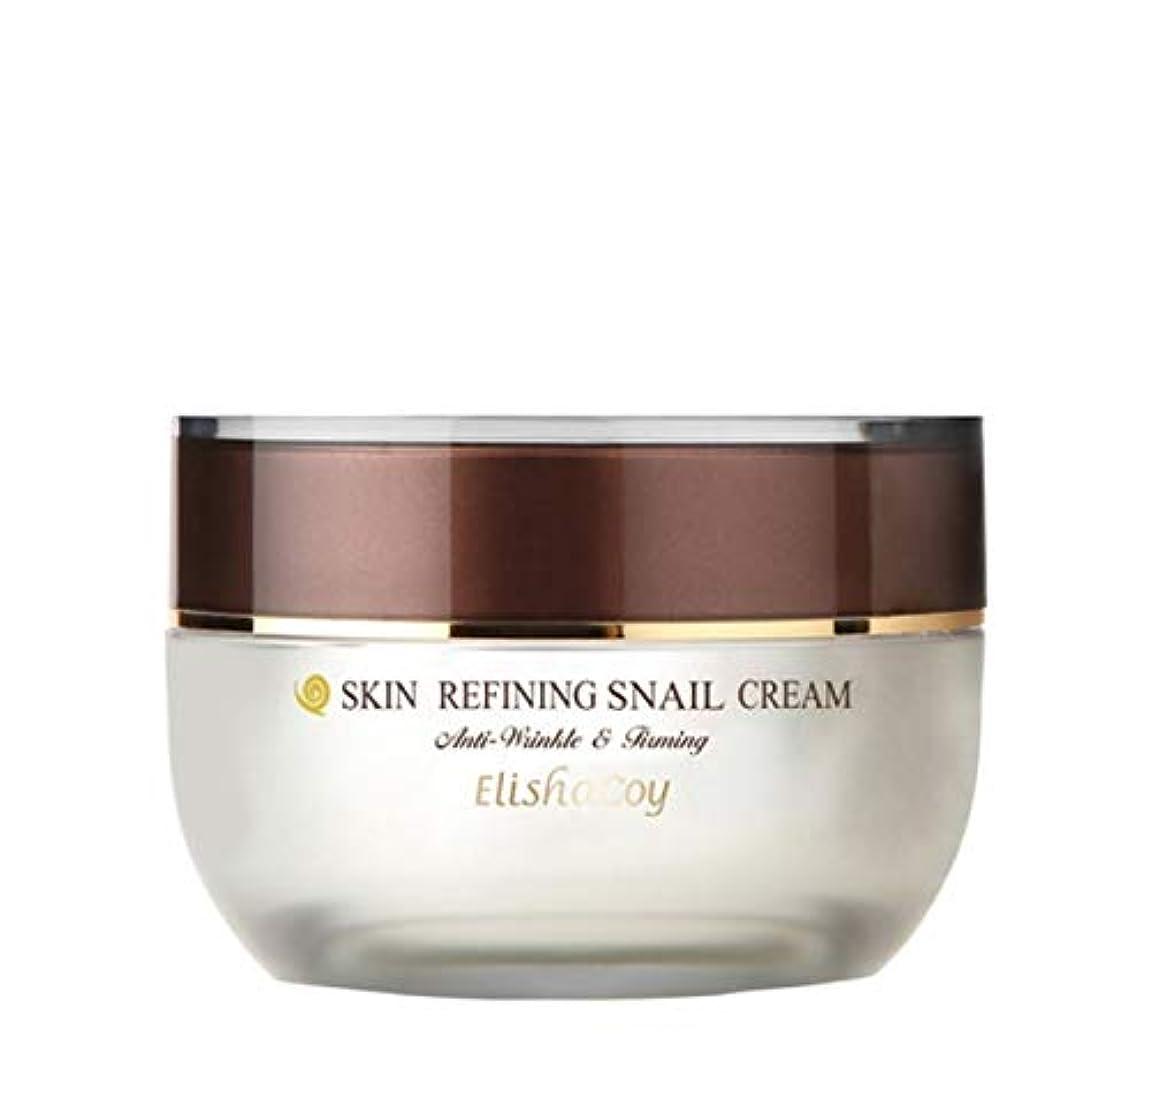 恥配当万歳エリシャコイ Elishacoy SKIN REFINING SNAIL 韓国の人気水分クリーム CREAM 50g 保湿最強 Korean Beauty Womens Cosmetics Skin Care